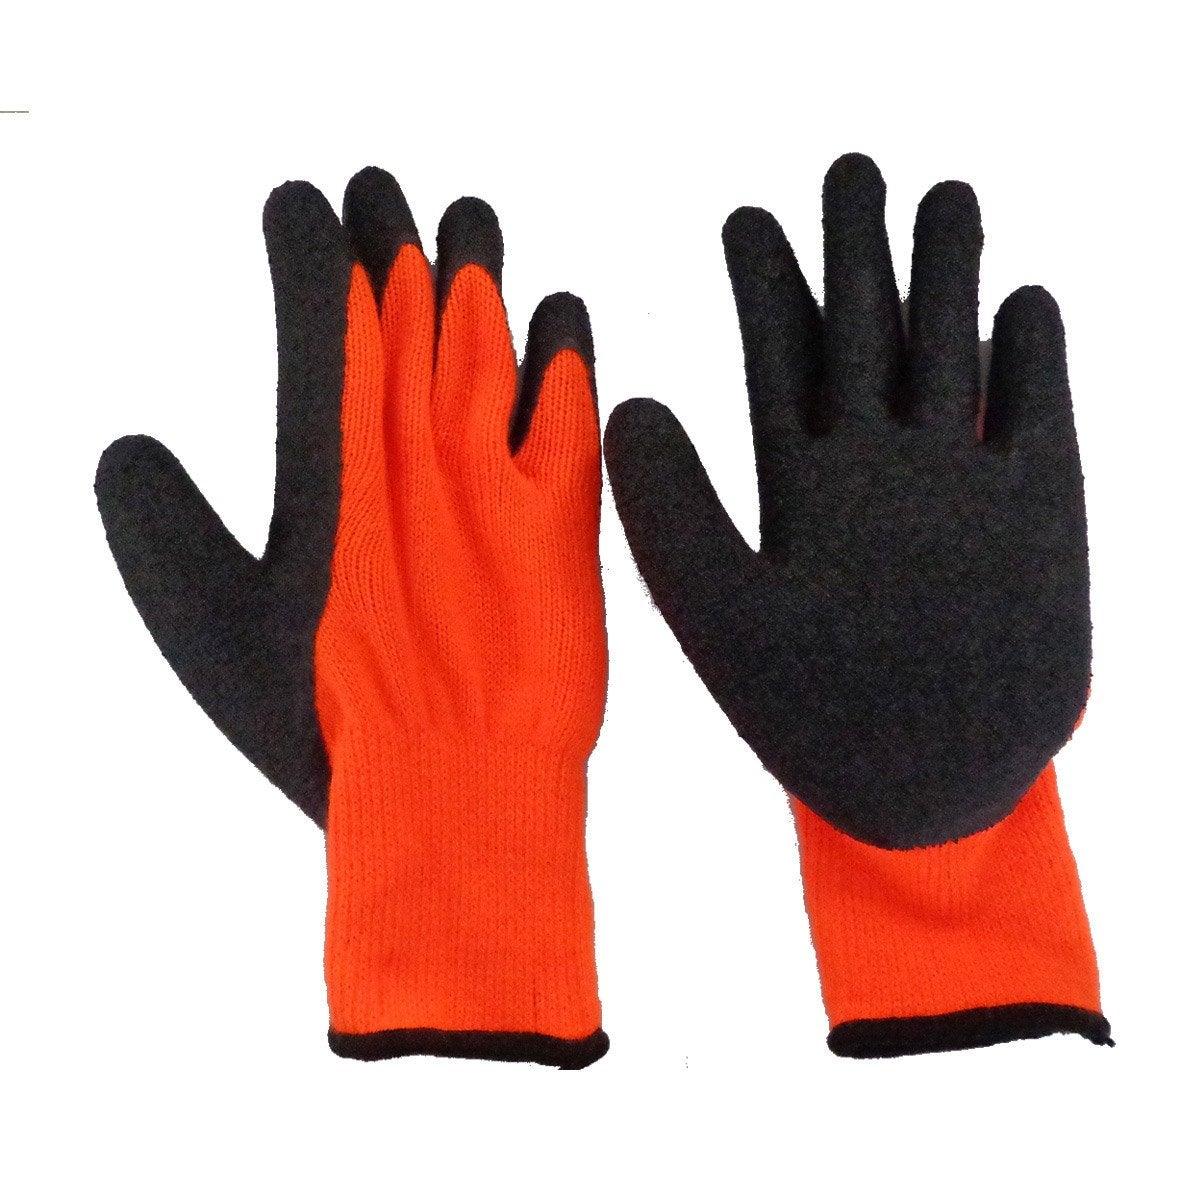 gants dexter taille 9 l leroy merlin. Black Bedroom Furniture Sets. Home Design Ideas